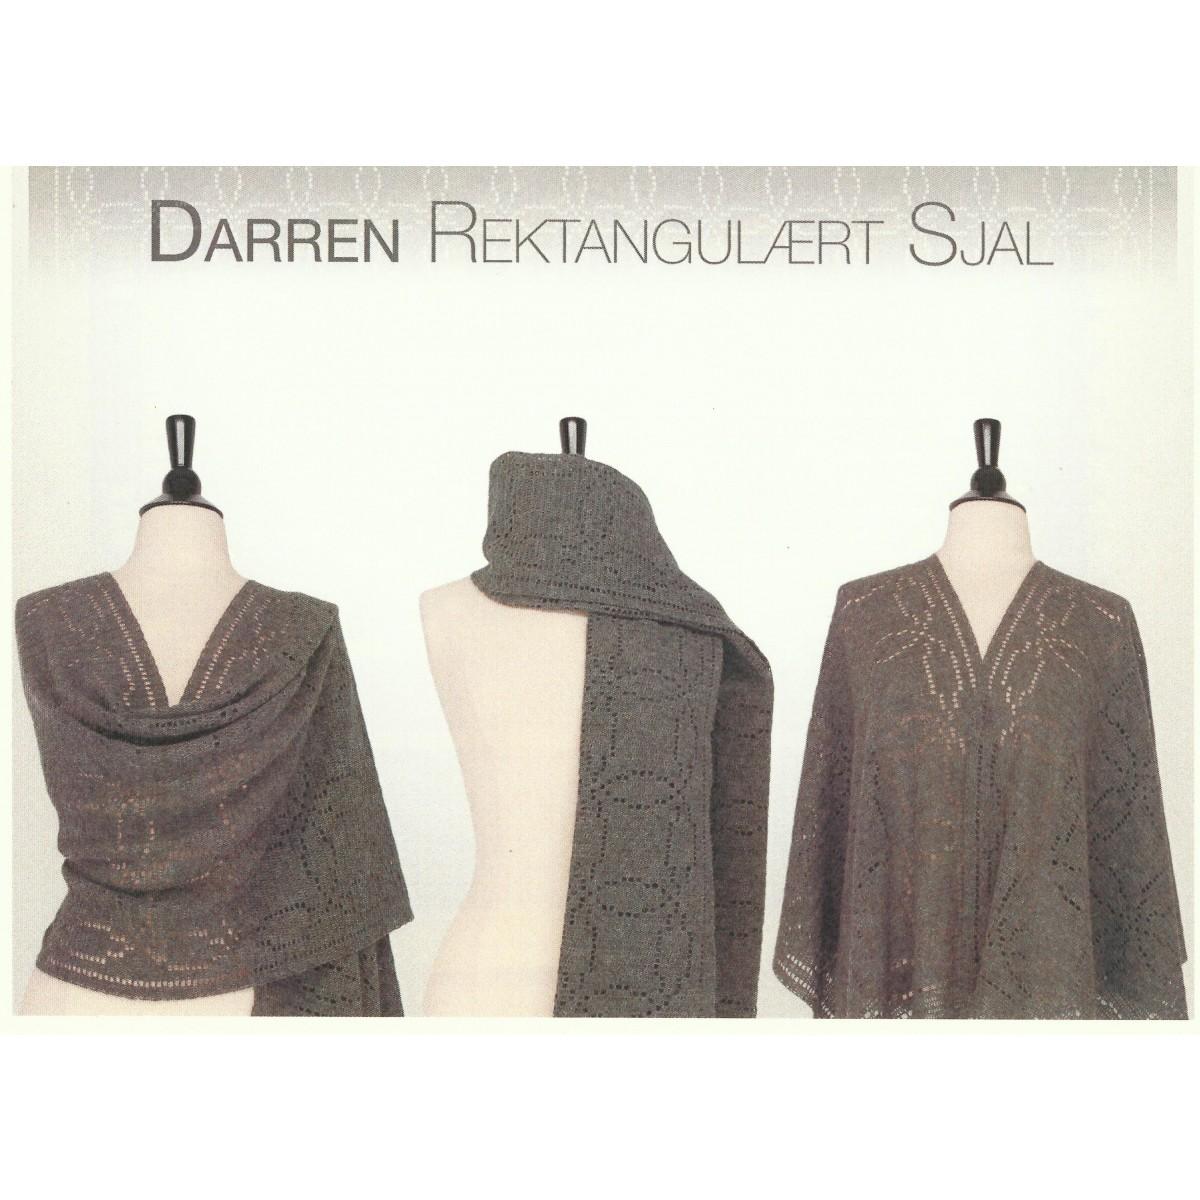 Darren Sjal